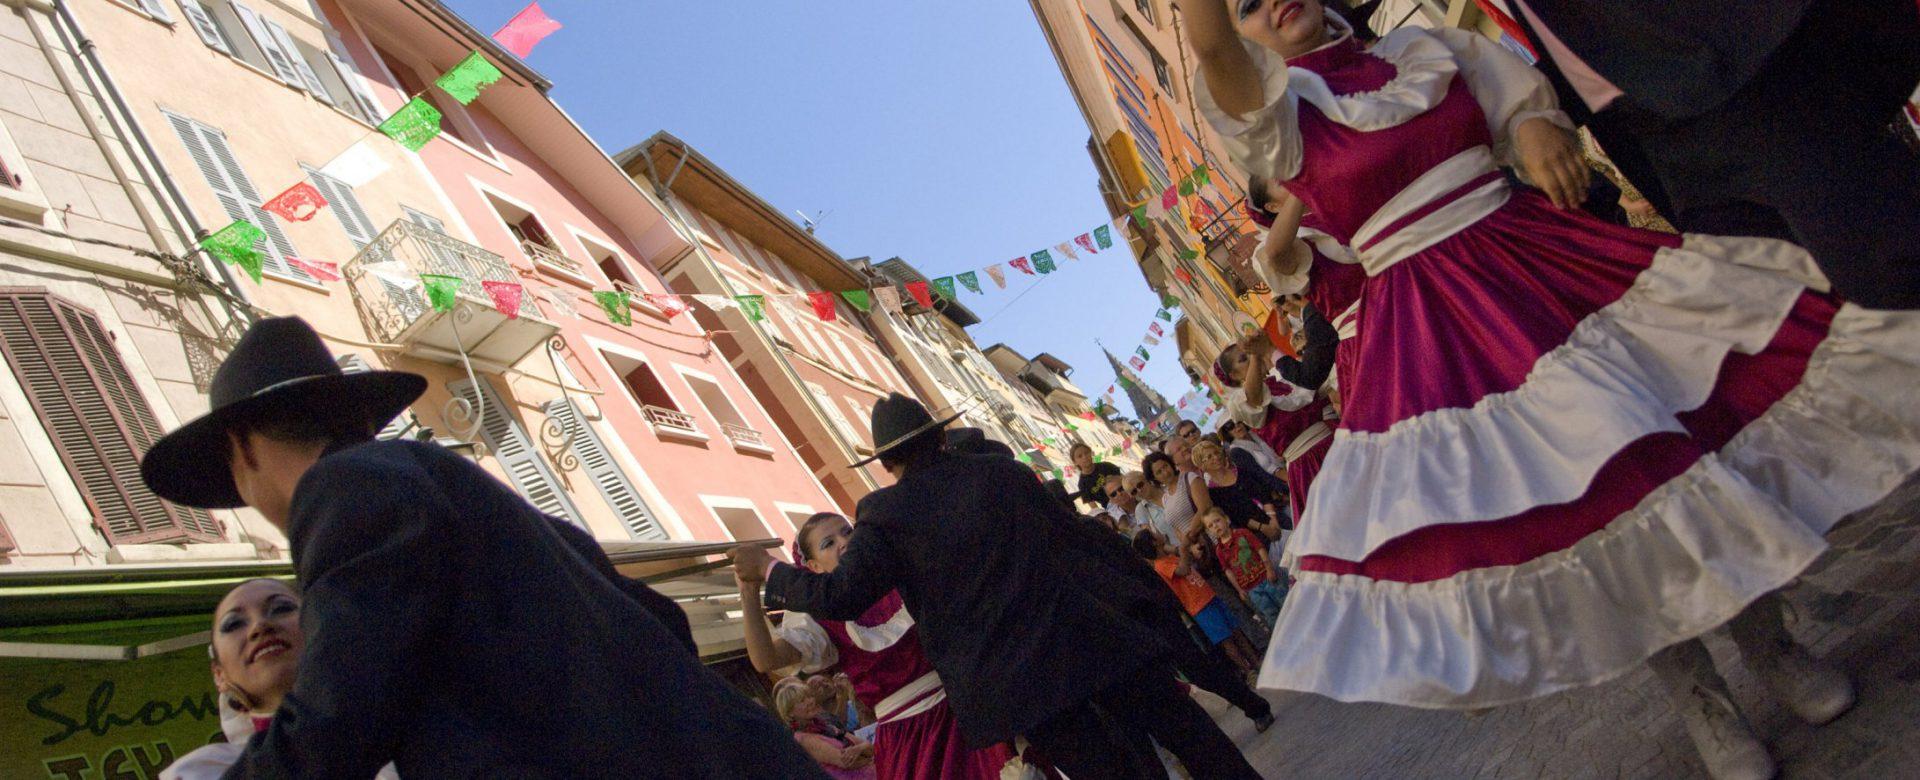 Fêtes latino-mexicaines à Barcelonnette ©M. Boutin